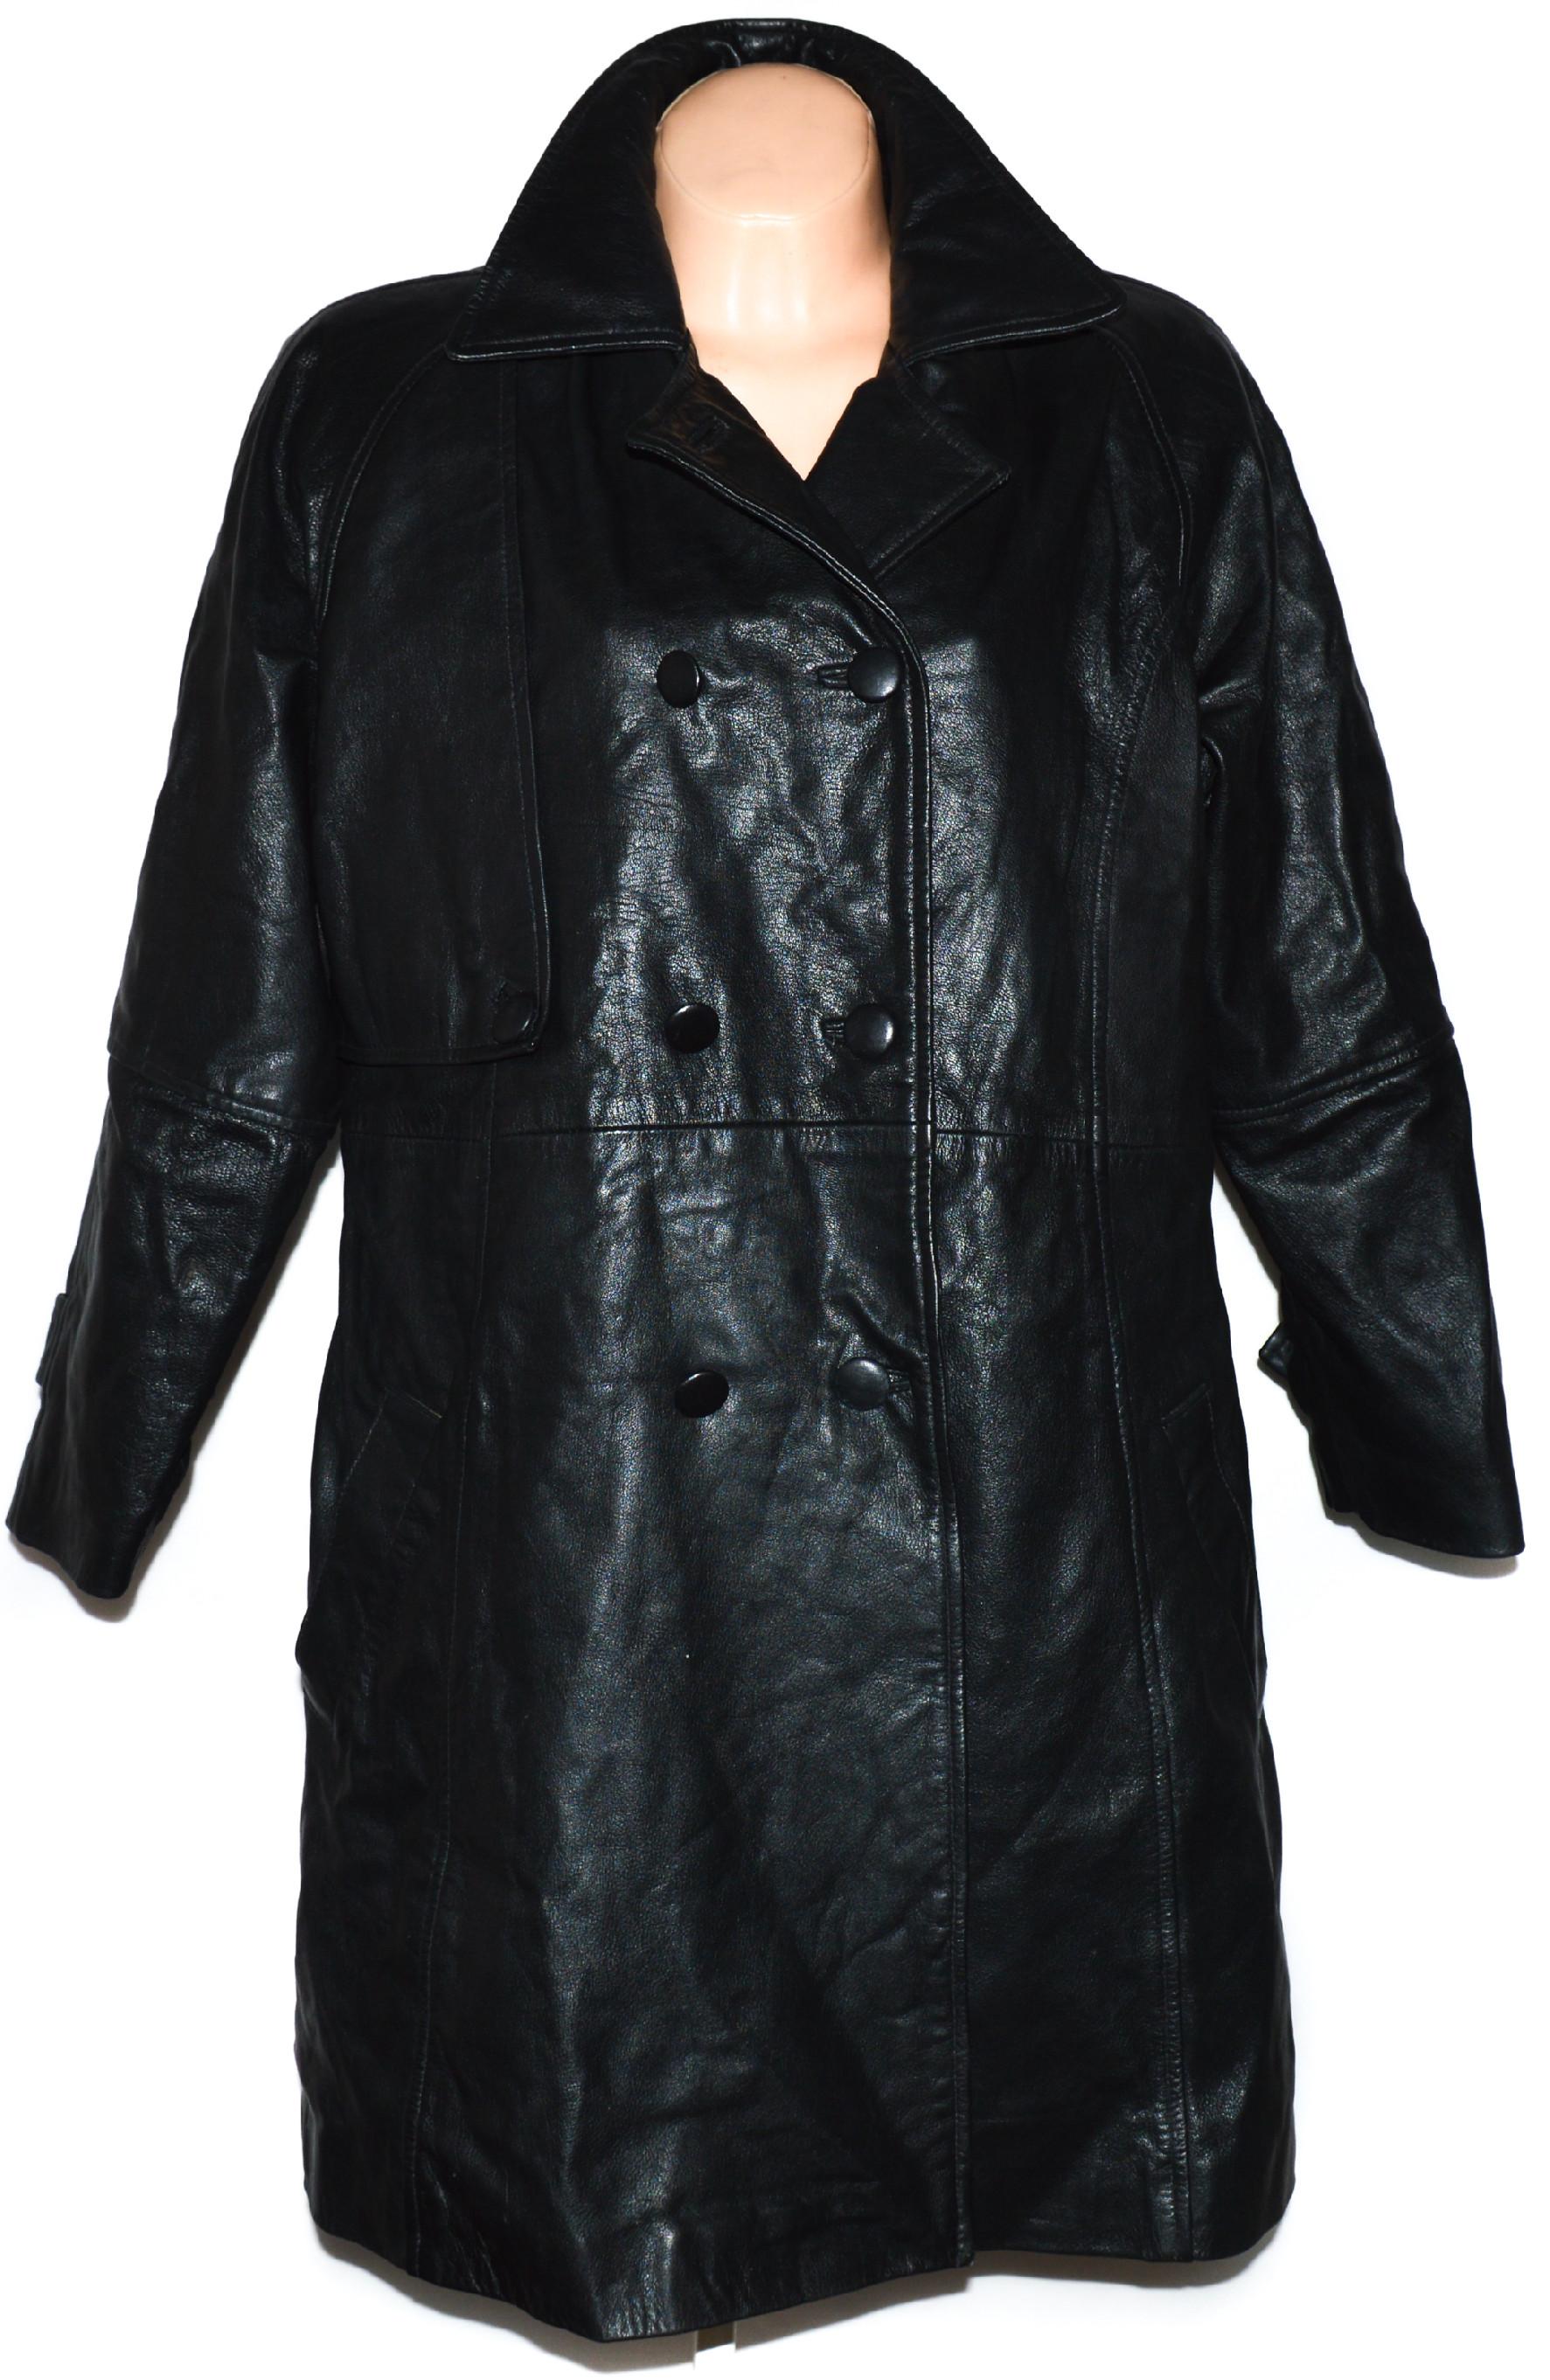 KOŽENÝ dámský černý dlouhý kabát GAPELLE XXL